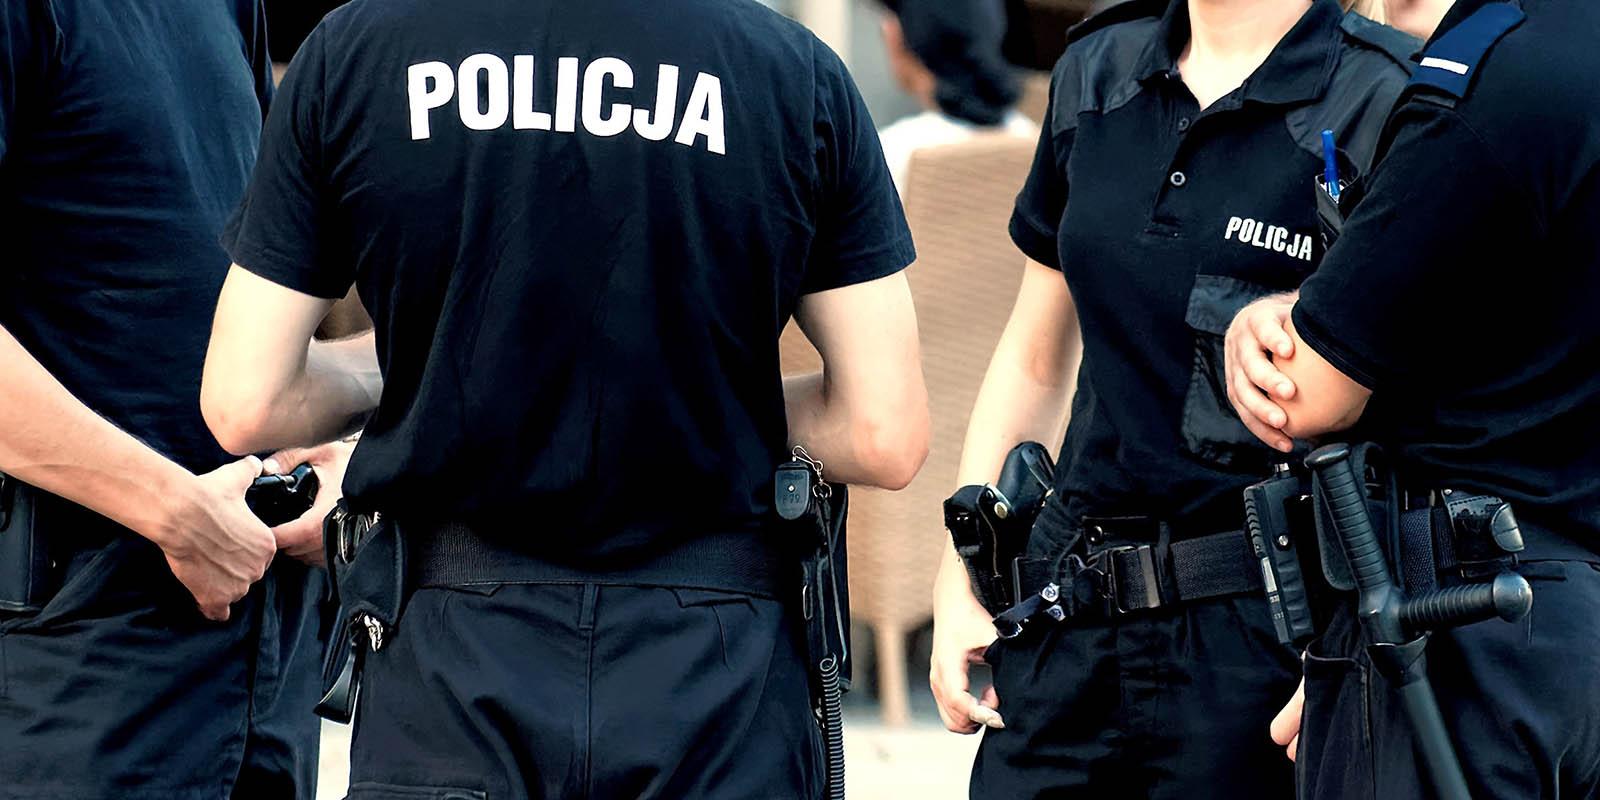 Koszule policyjne